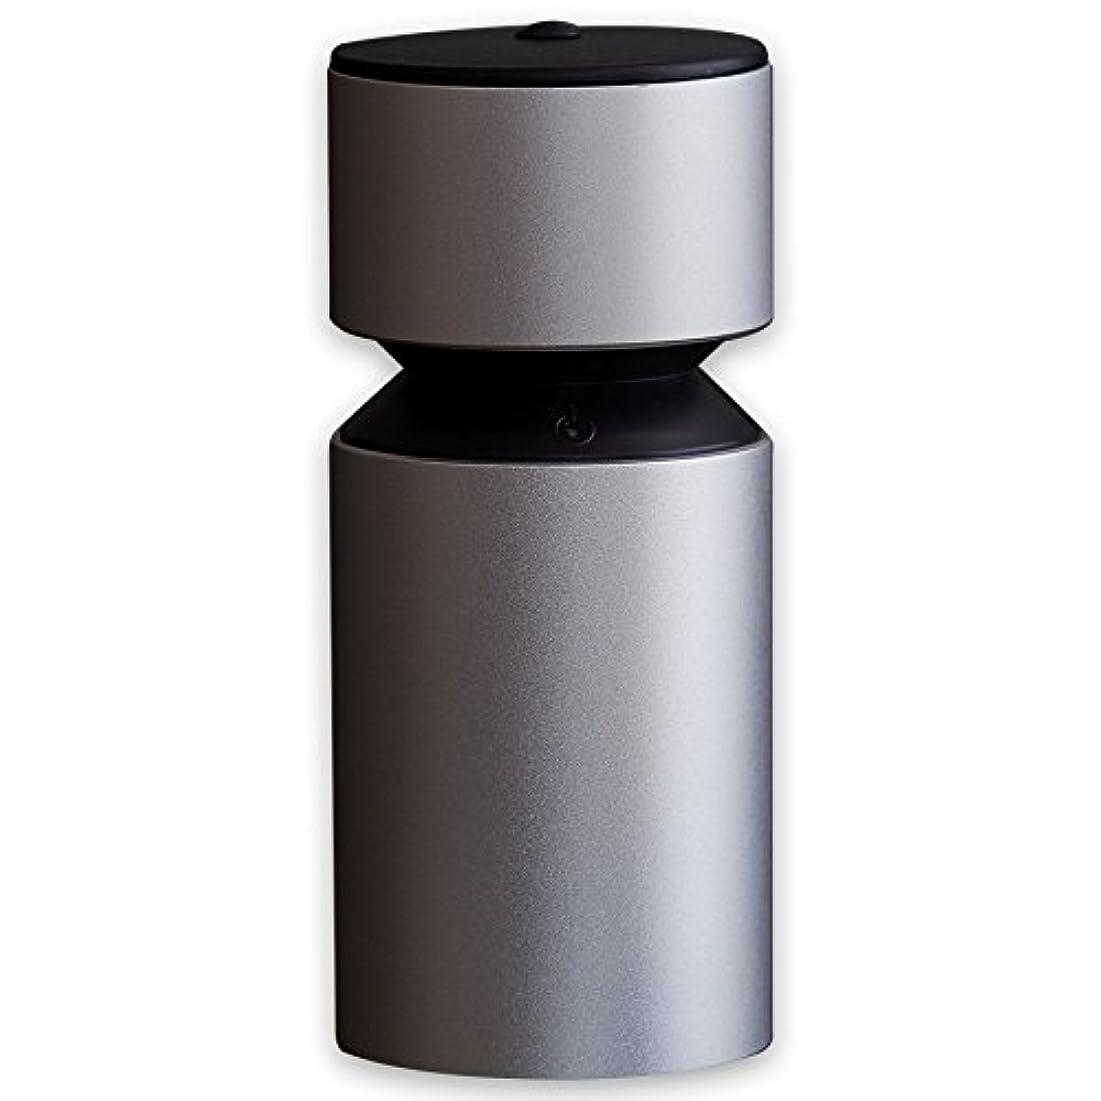 ブレースストリップ有名なアロマディフューザー UR-AROMA03 卓上 小型 加湿器 Uruon(ウルオン) オーガニックアロマオイル対応 天然アロマオイル AROMA ポータブル usb コンパクト 充電式 タンブラー 2way アロマドロップ方式